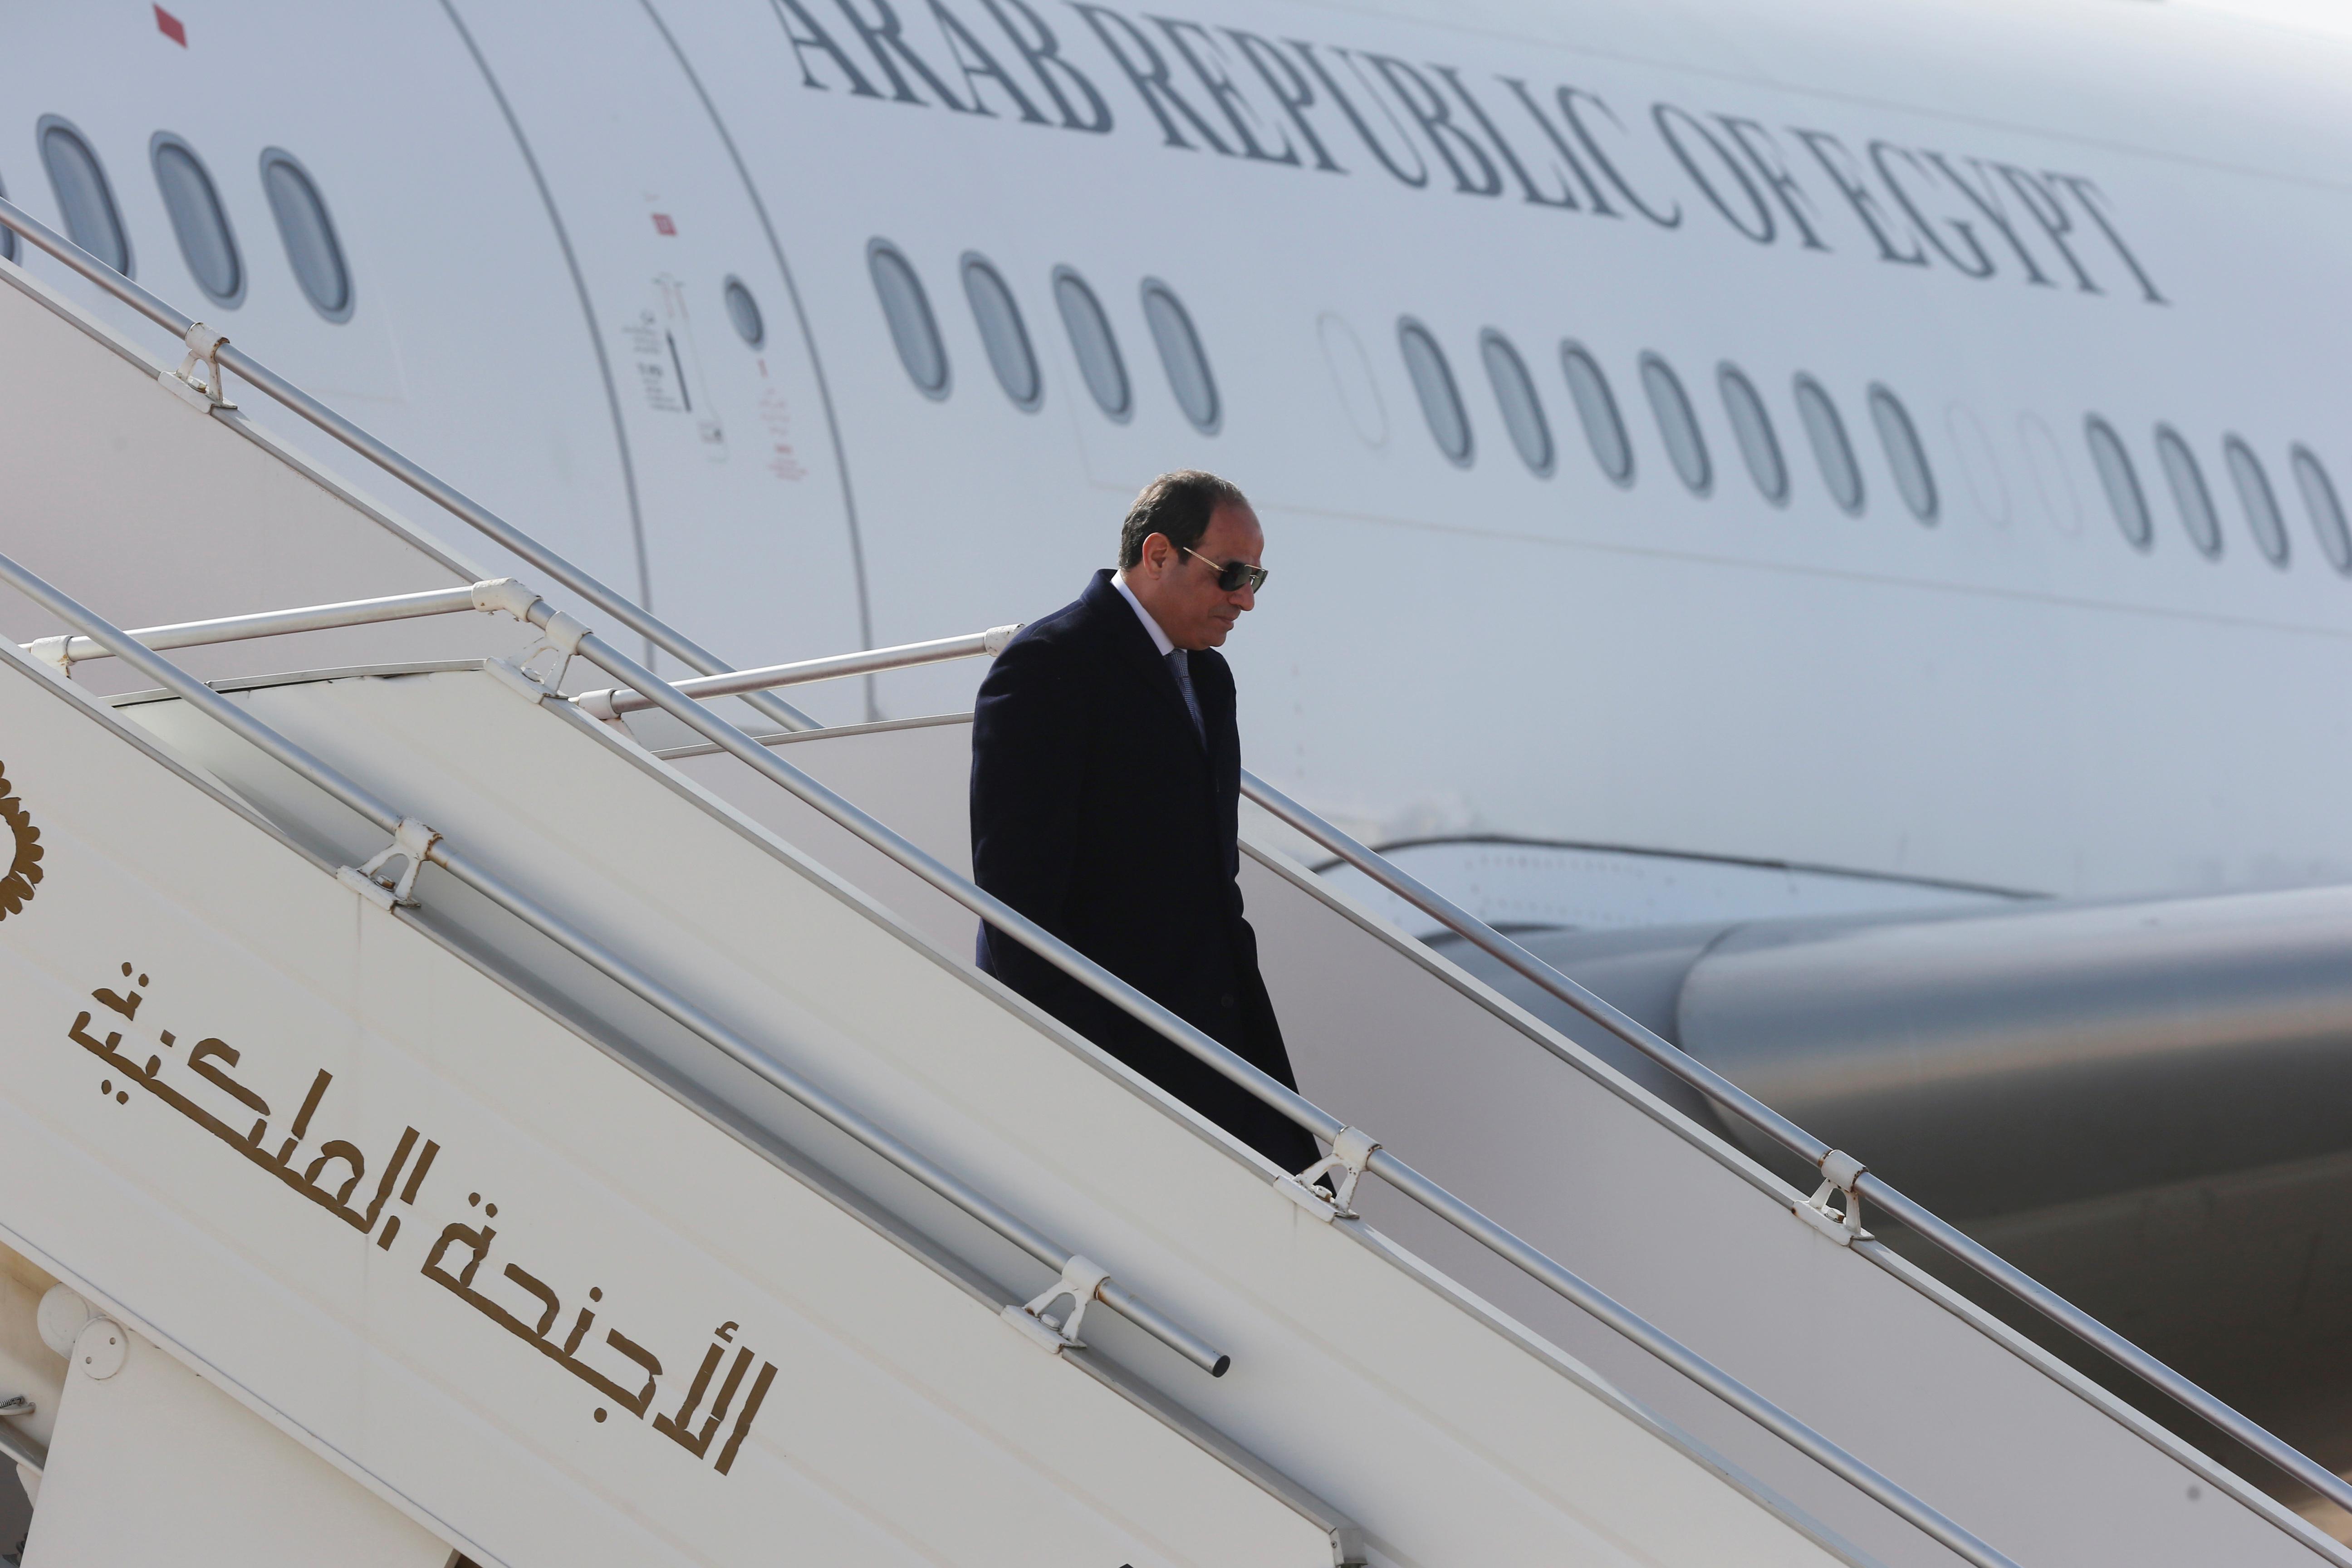 Egypt to consider longer presidential term: lawmaker